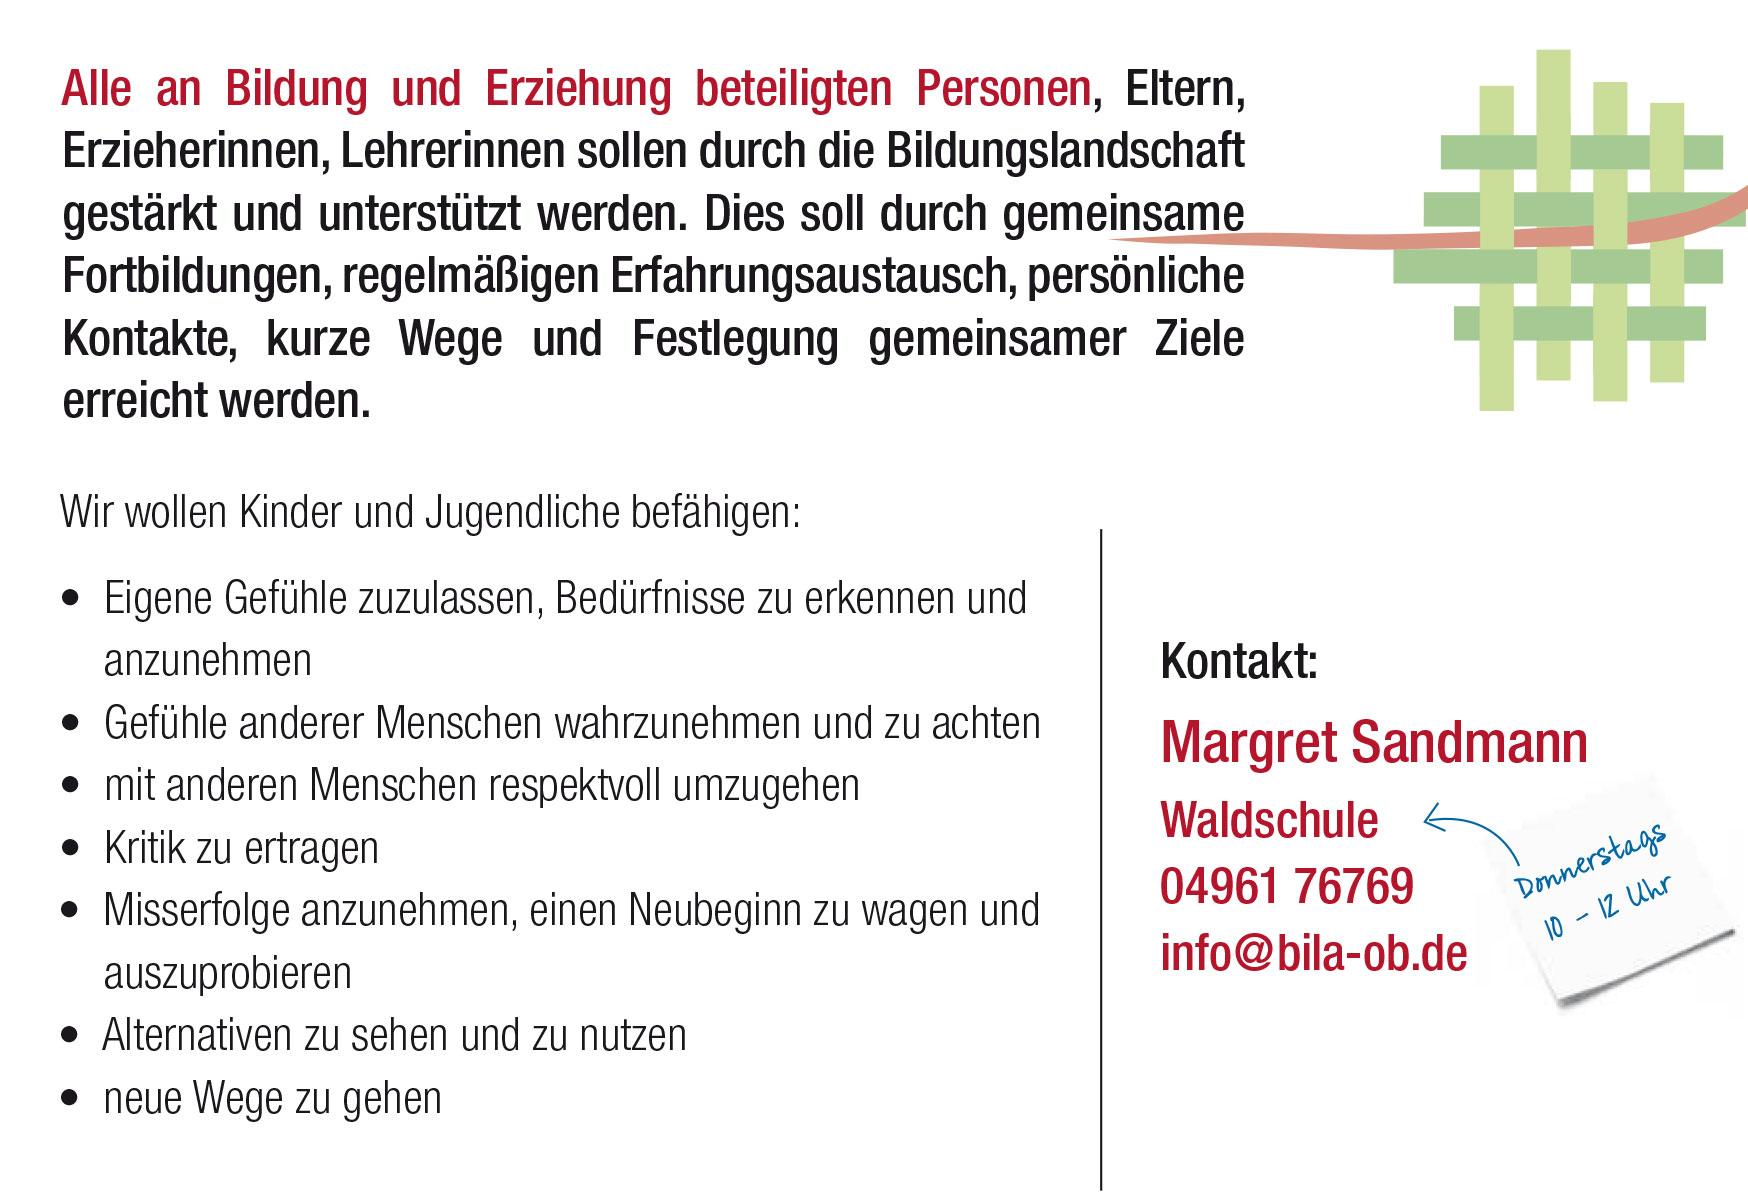 wollert_handzettel-2